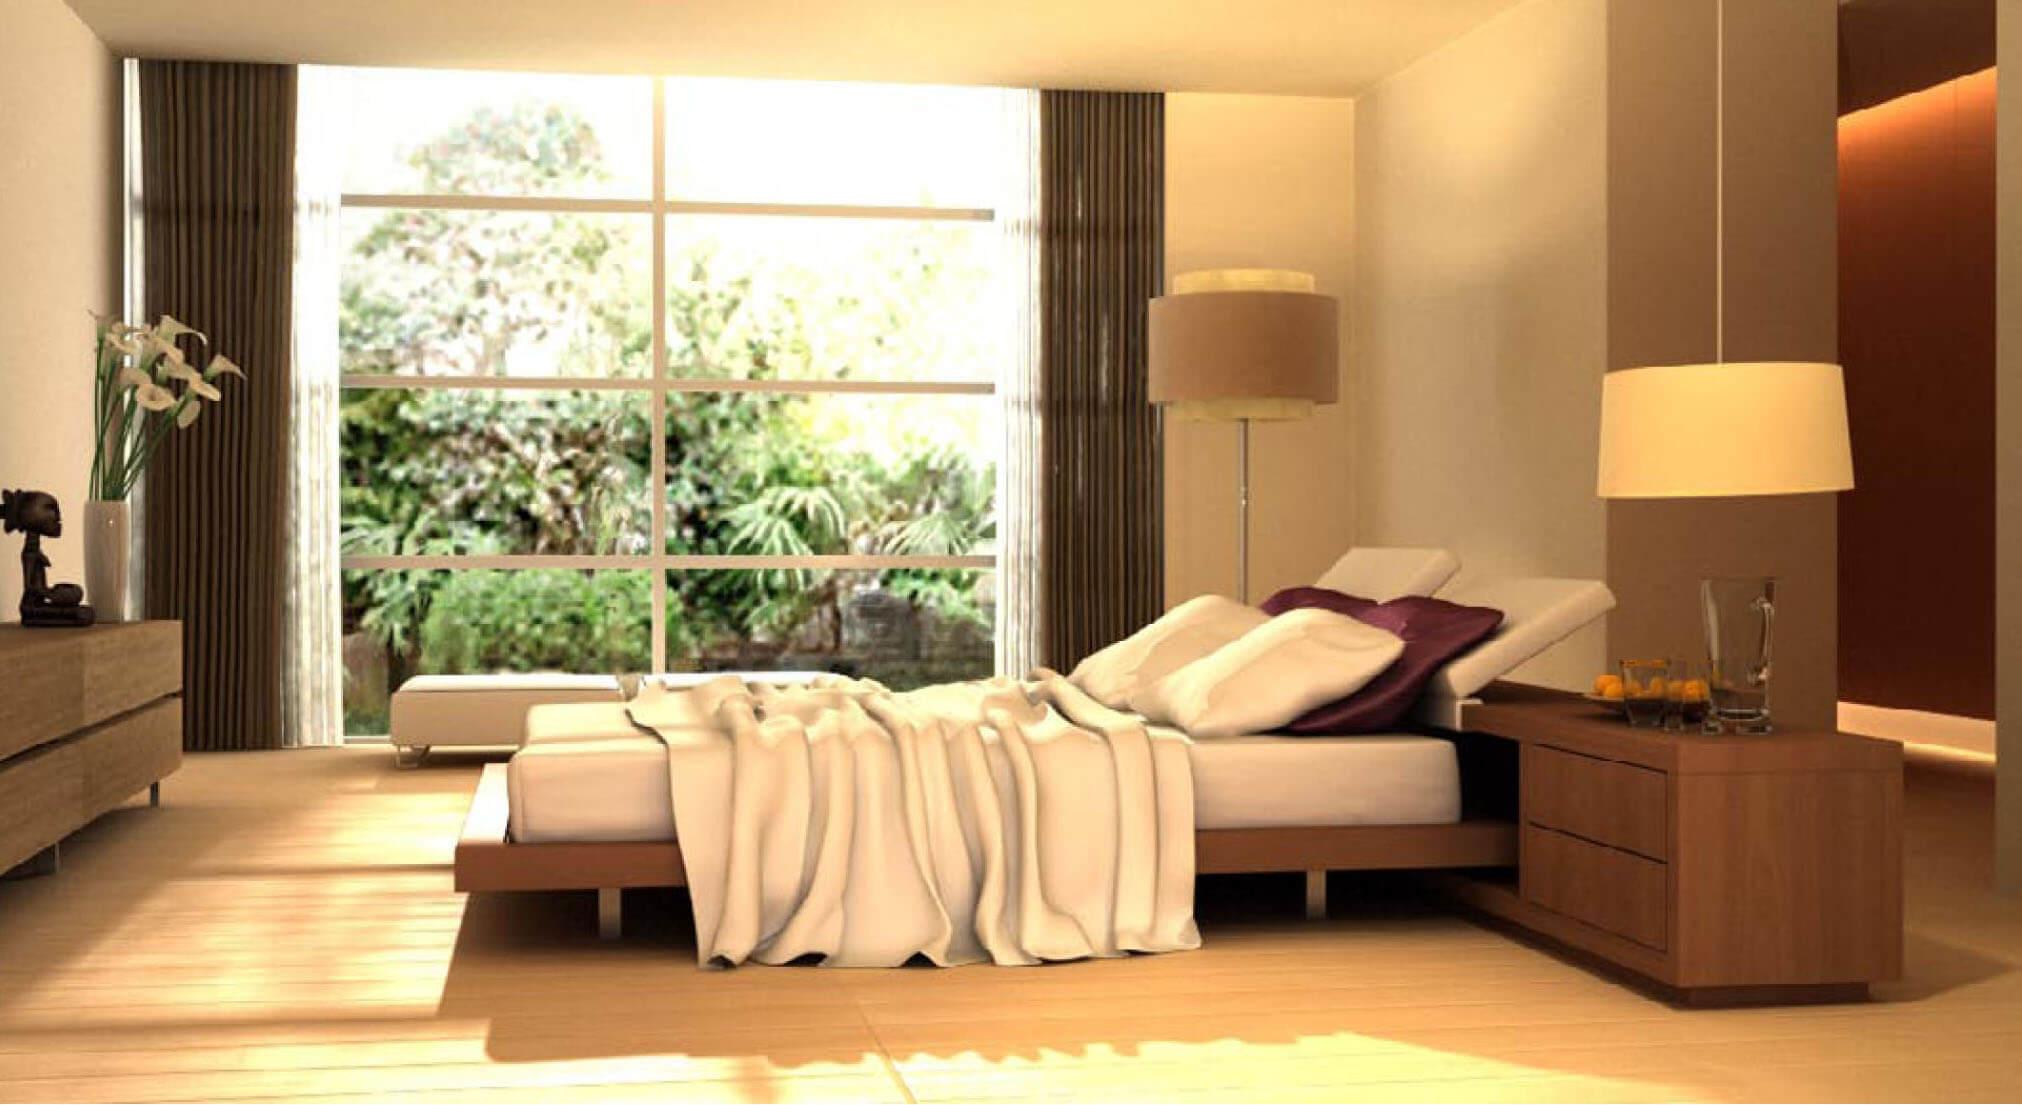 Sửa căn hộ, với phòng ngủ được kết hợp với những chậu cây cảnh tạo cảm giác gần gũi với thiên nhiên tạo cảm giác tươi trẻ.